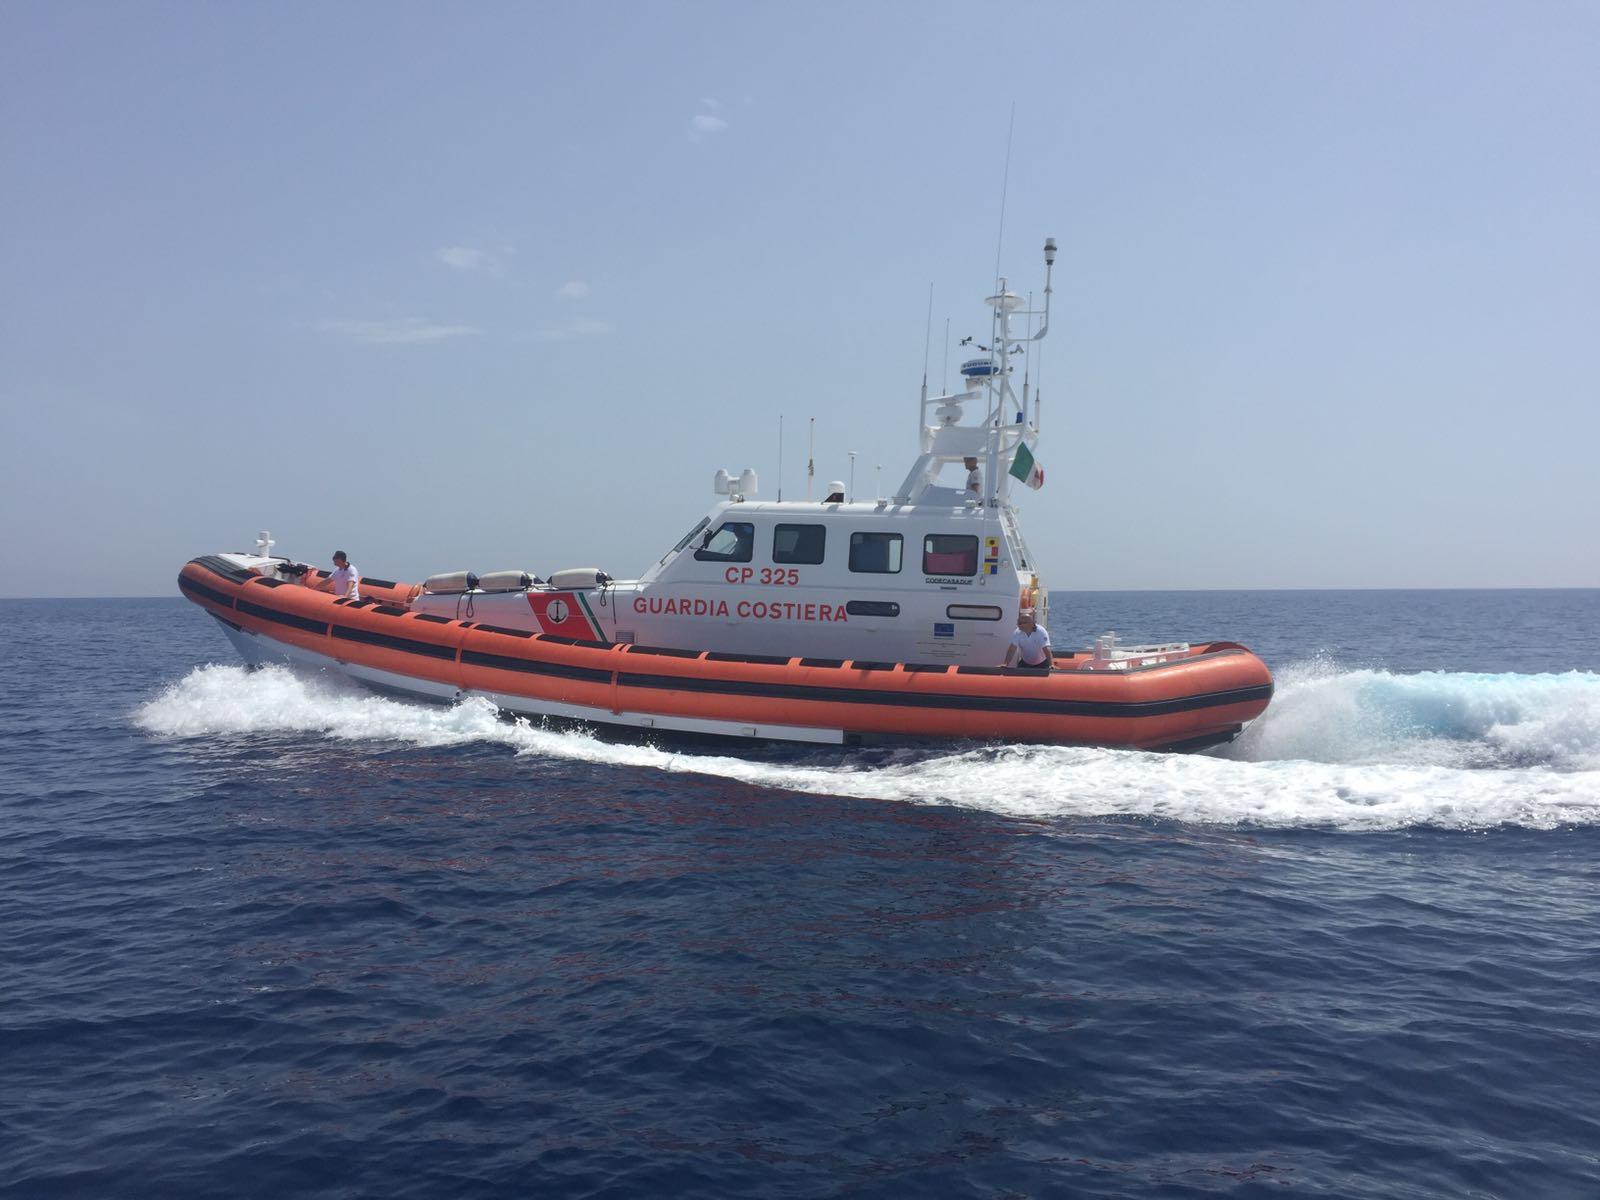 Portopalo di Capo Passero, affonda un motopesca: disperso il capo barca